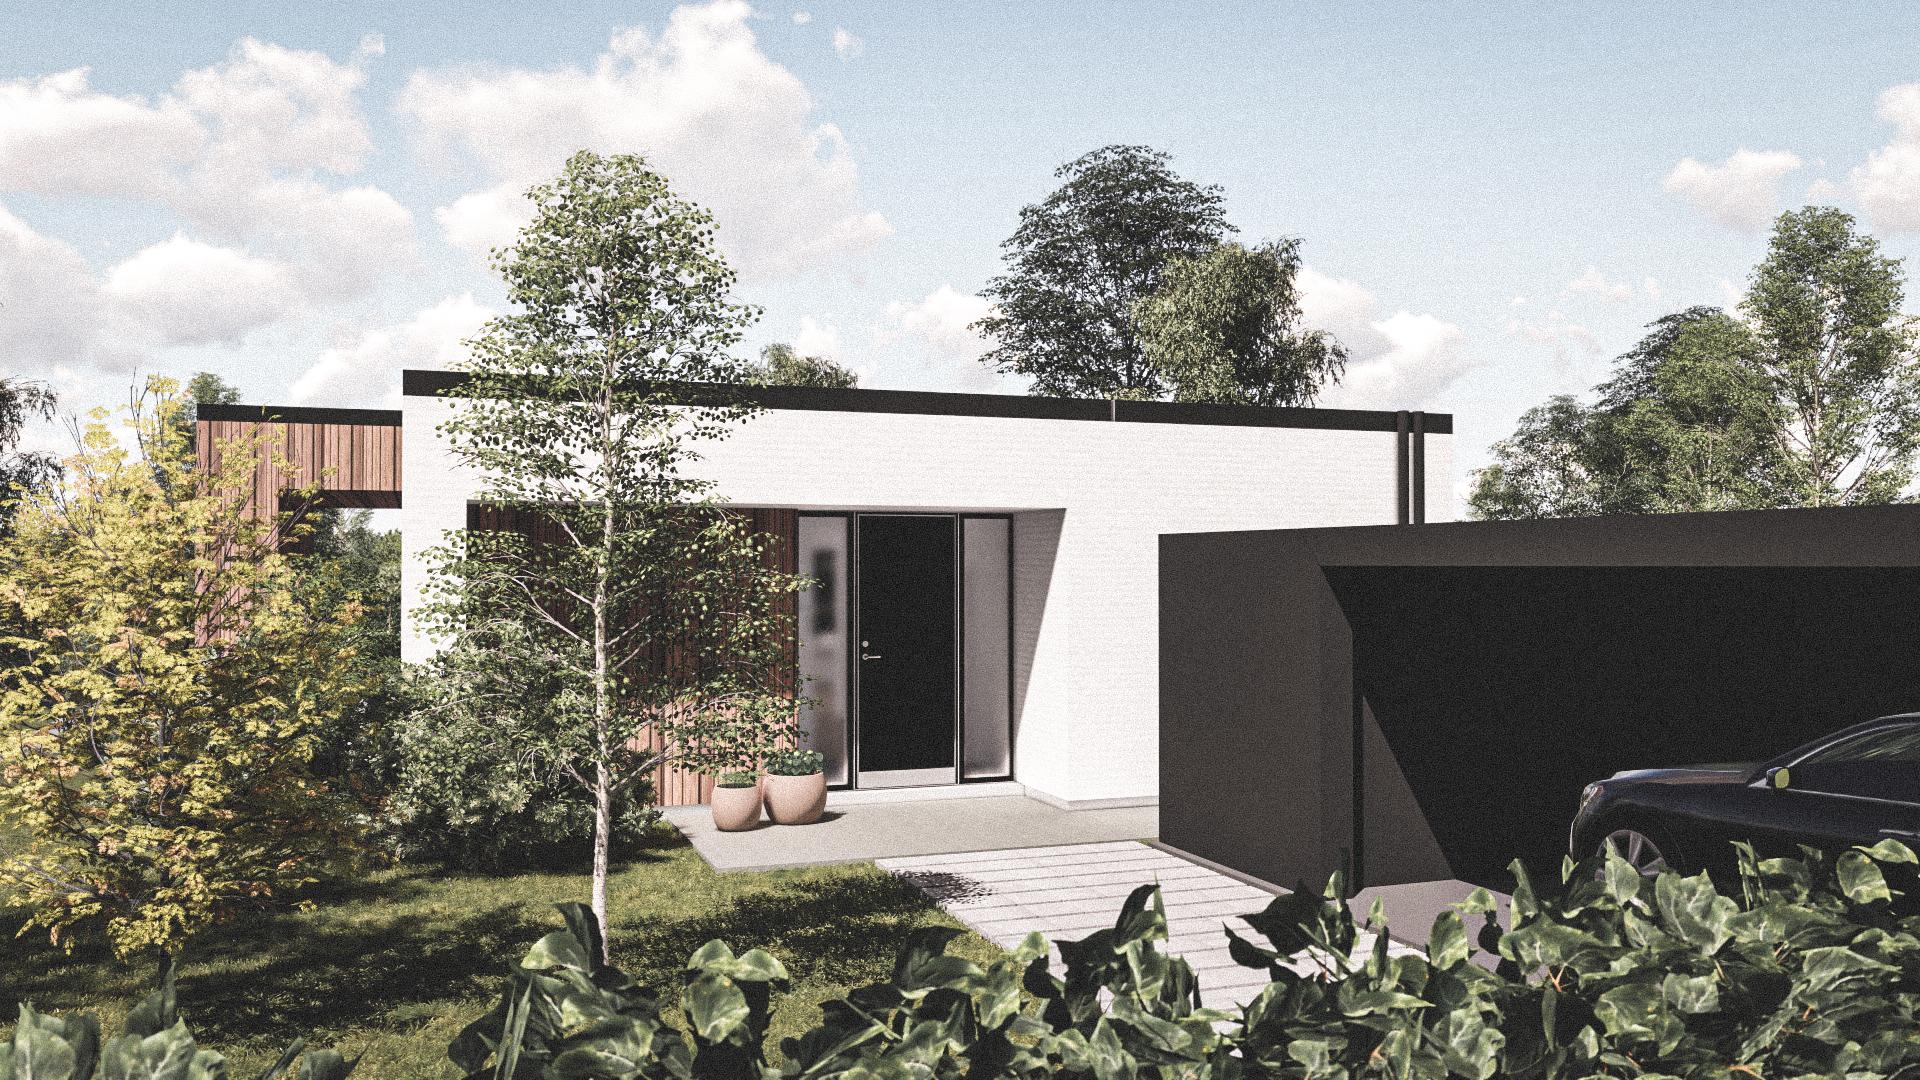 Billede af Dansk arkitekttegnet 1 plan villa af arkitektfirmaet m2plus, i Ballerup på 189 kvartratmeter.